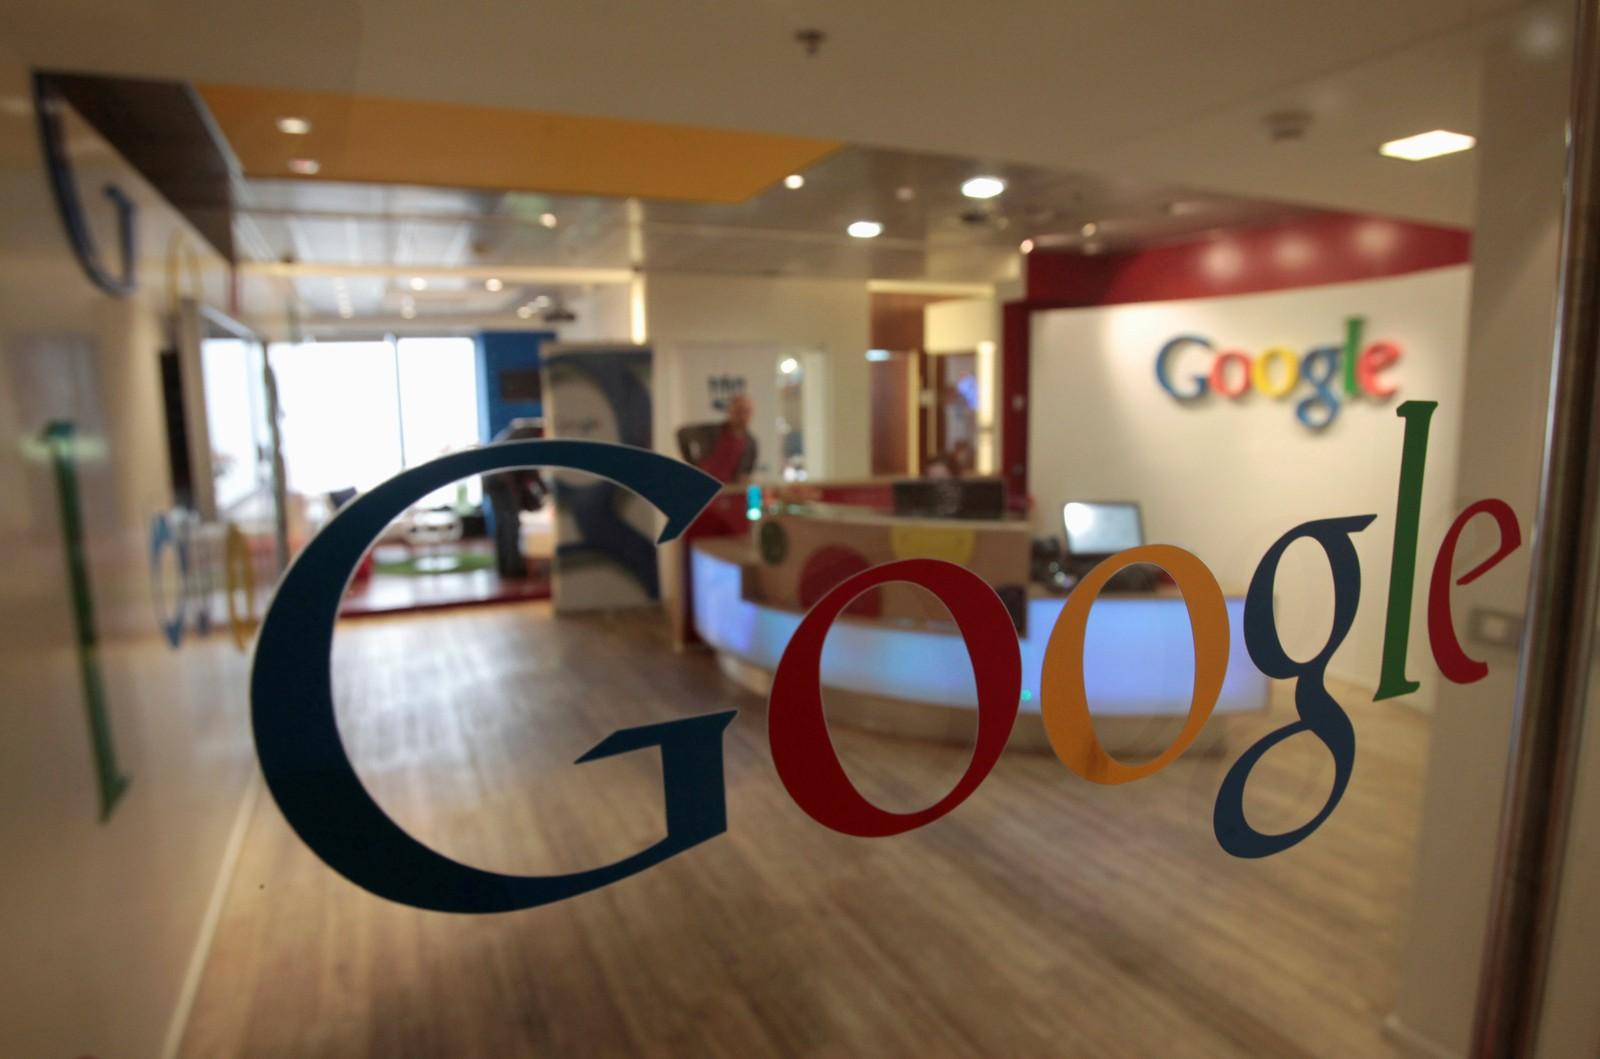 Justiça do Canadá decide que Google deve bloquear alguns resultados de busca em todo o mundo